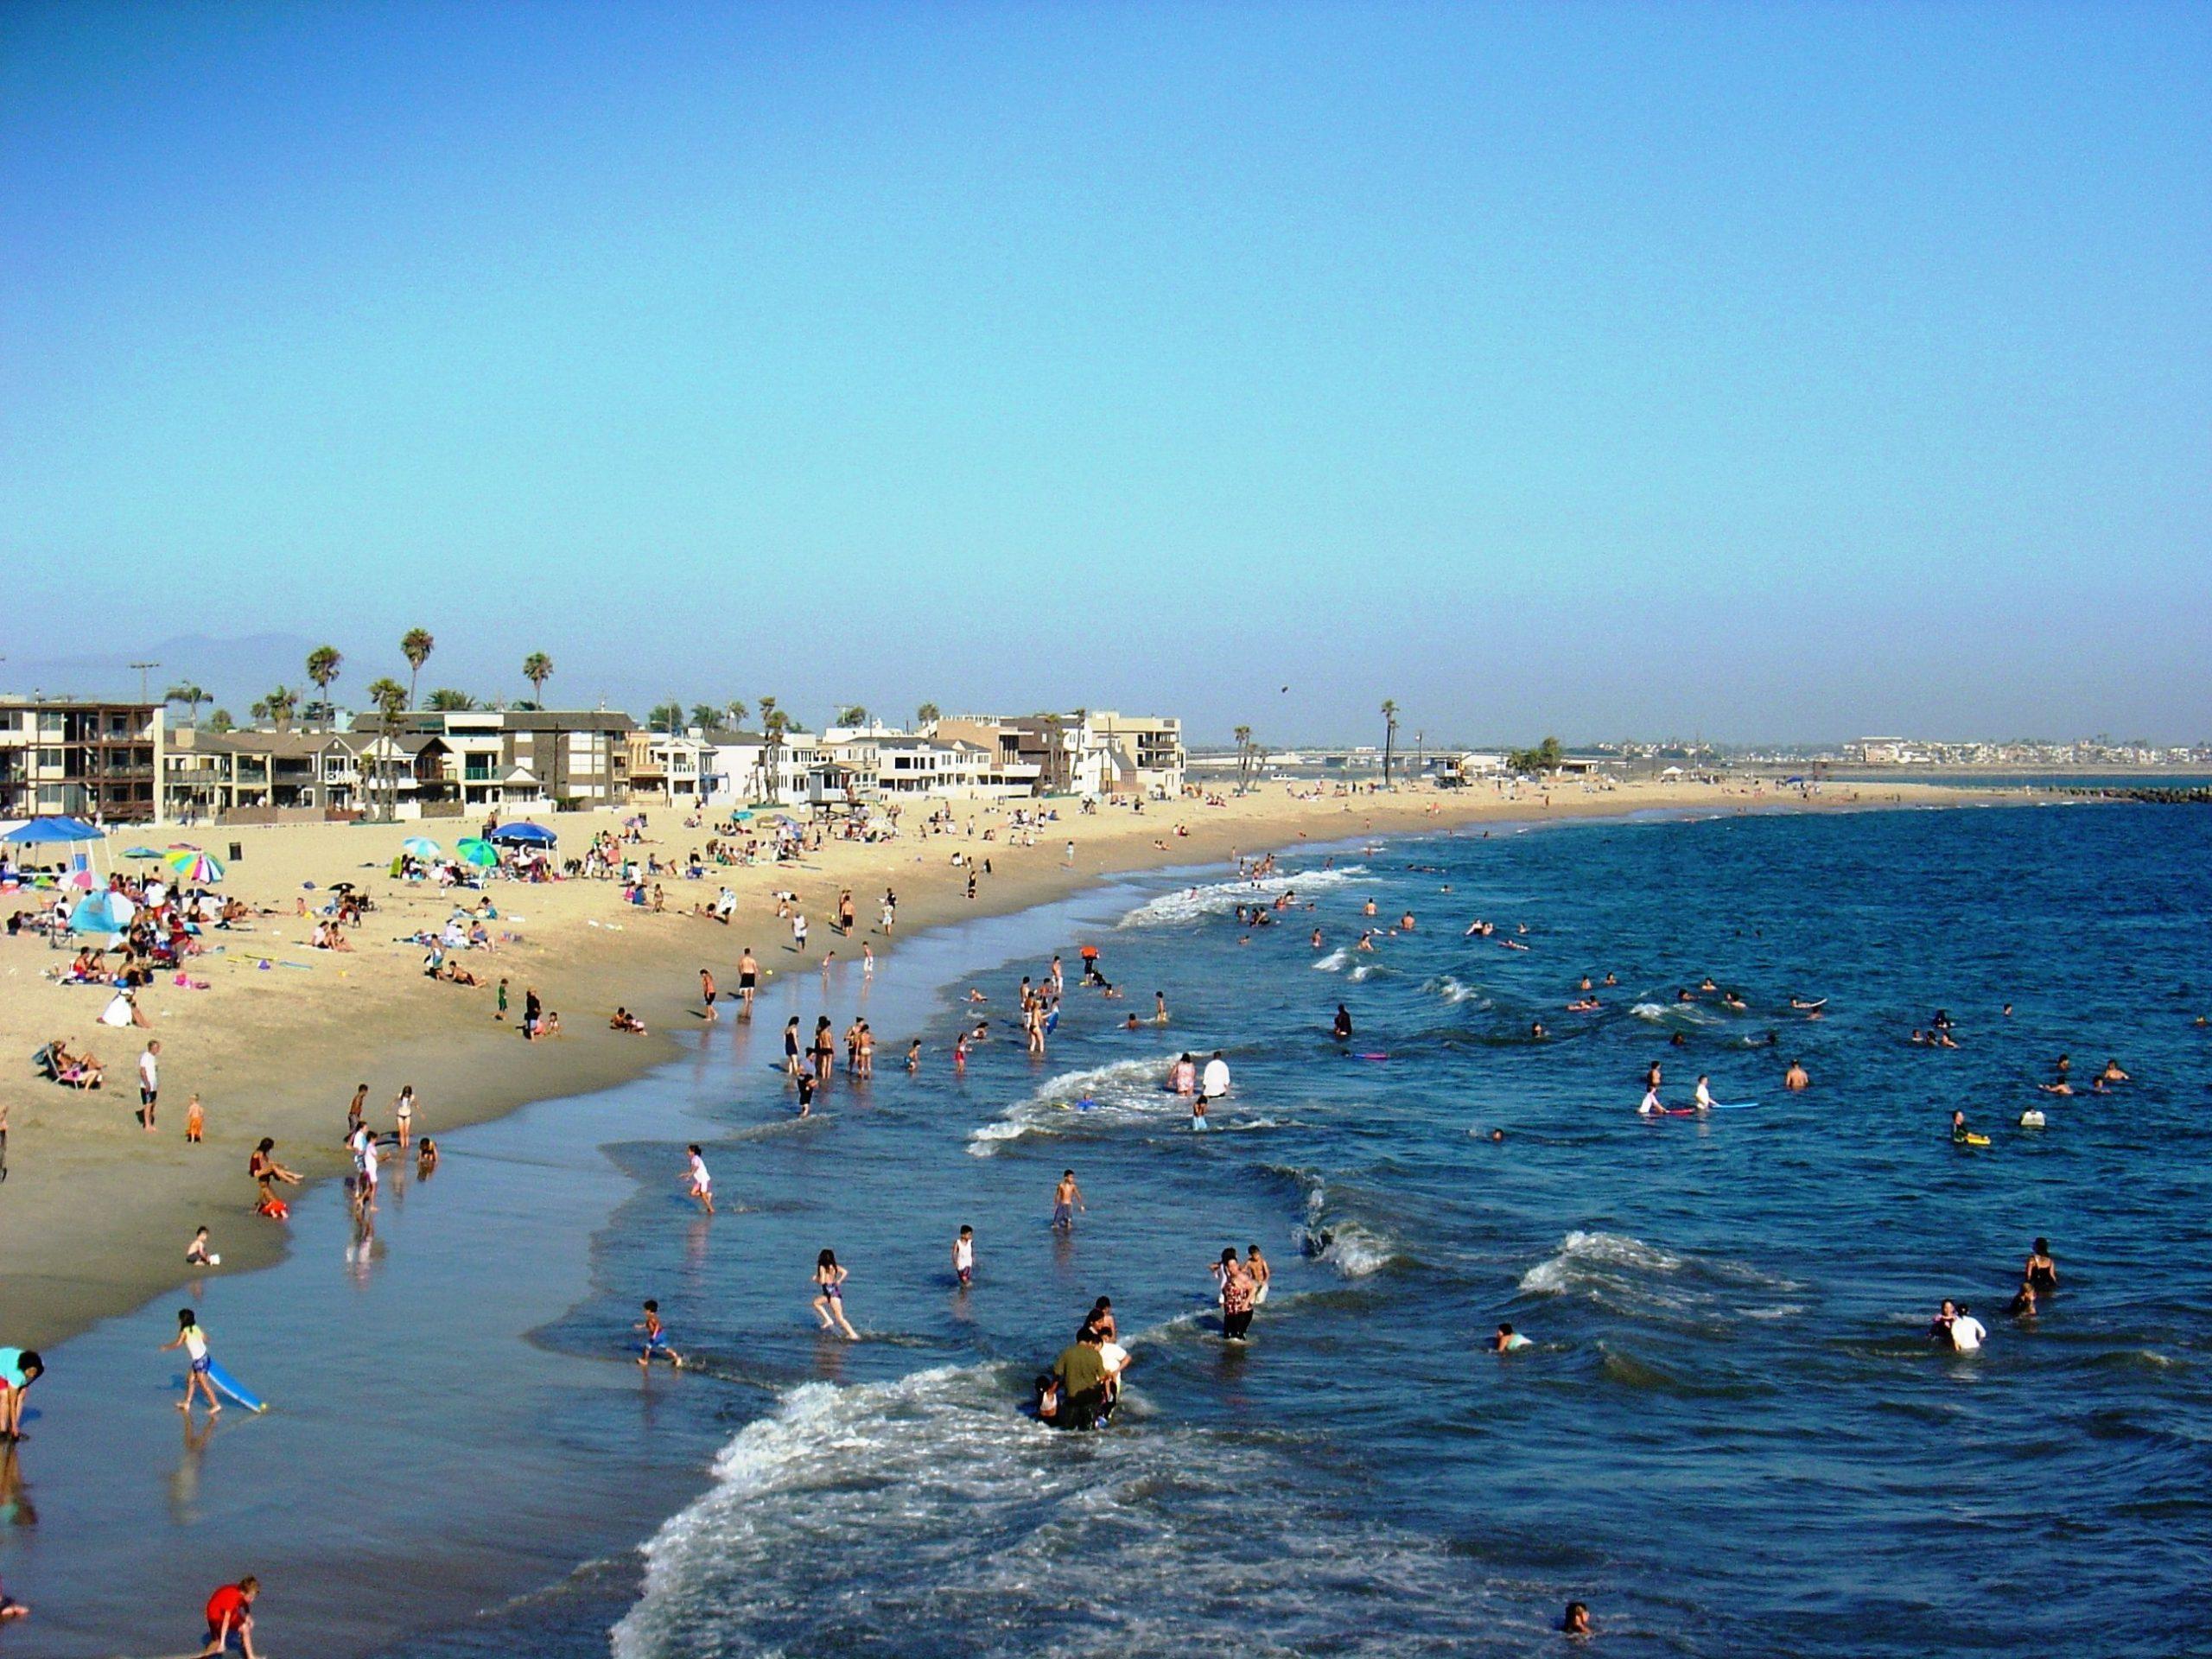 La ruée sur les plages californiennes inquiète les spécialistes